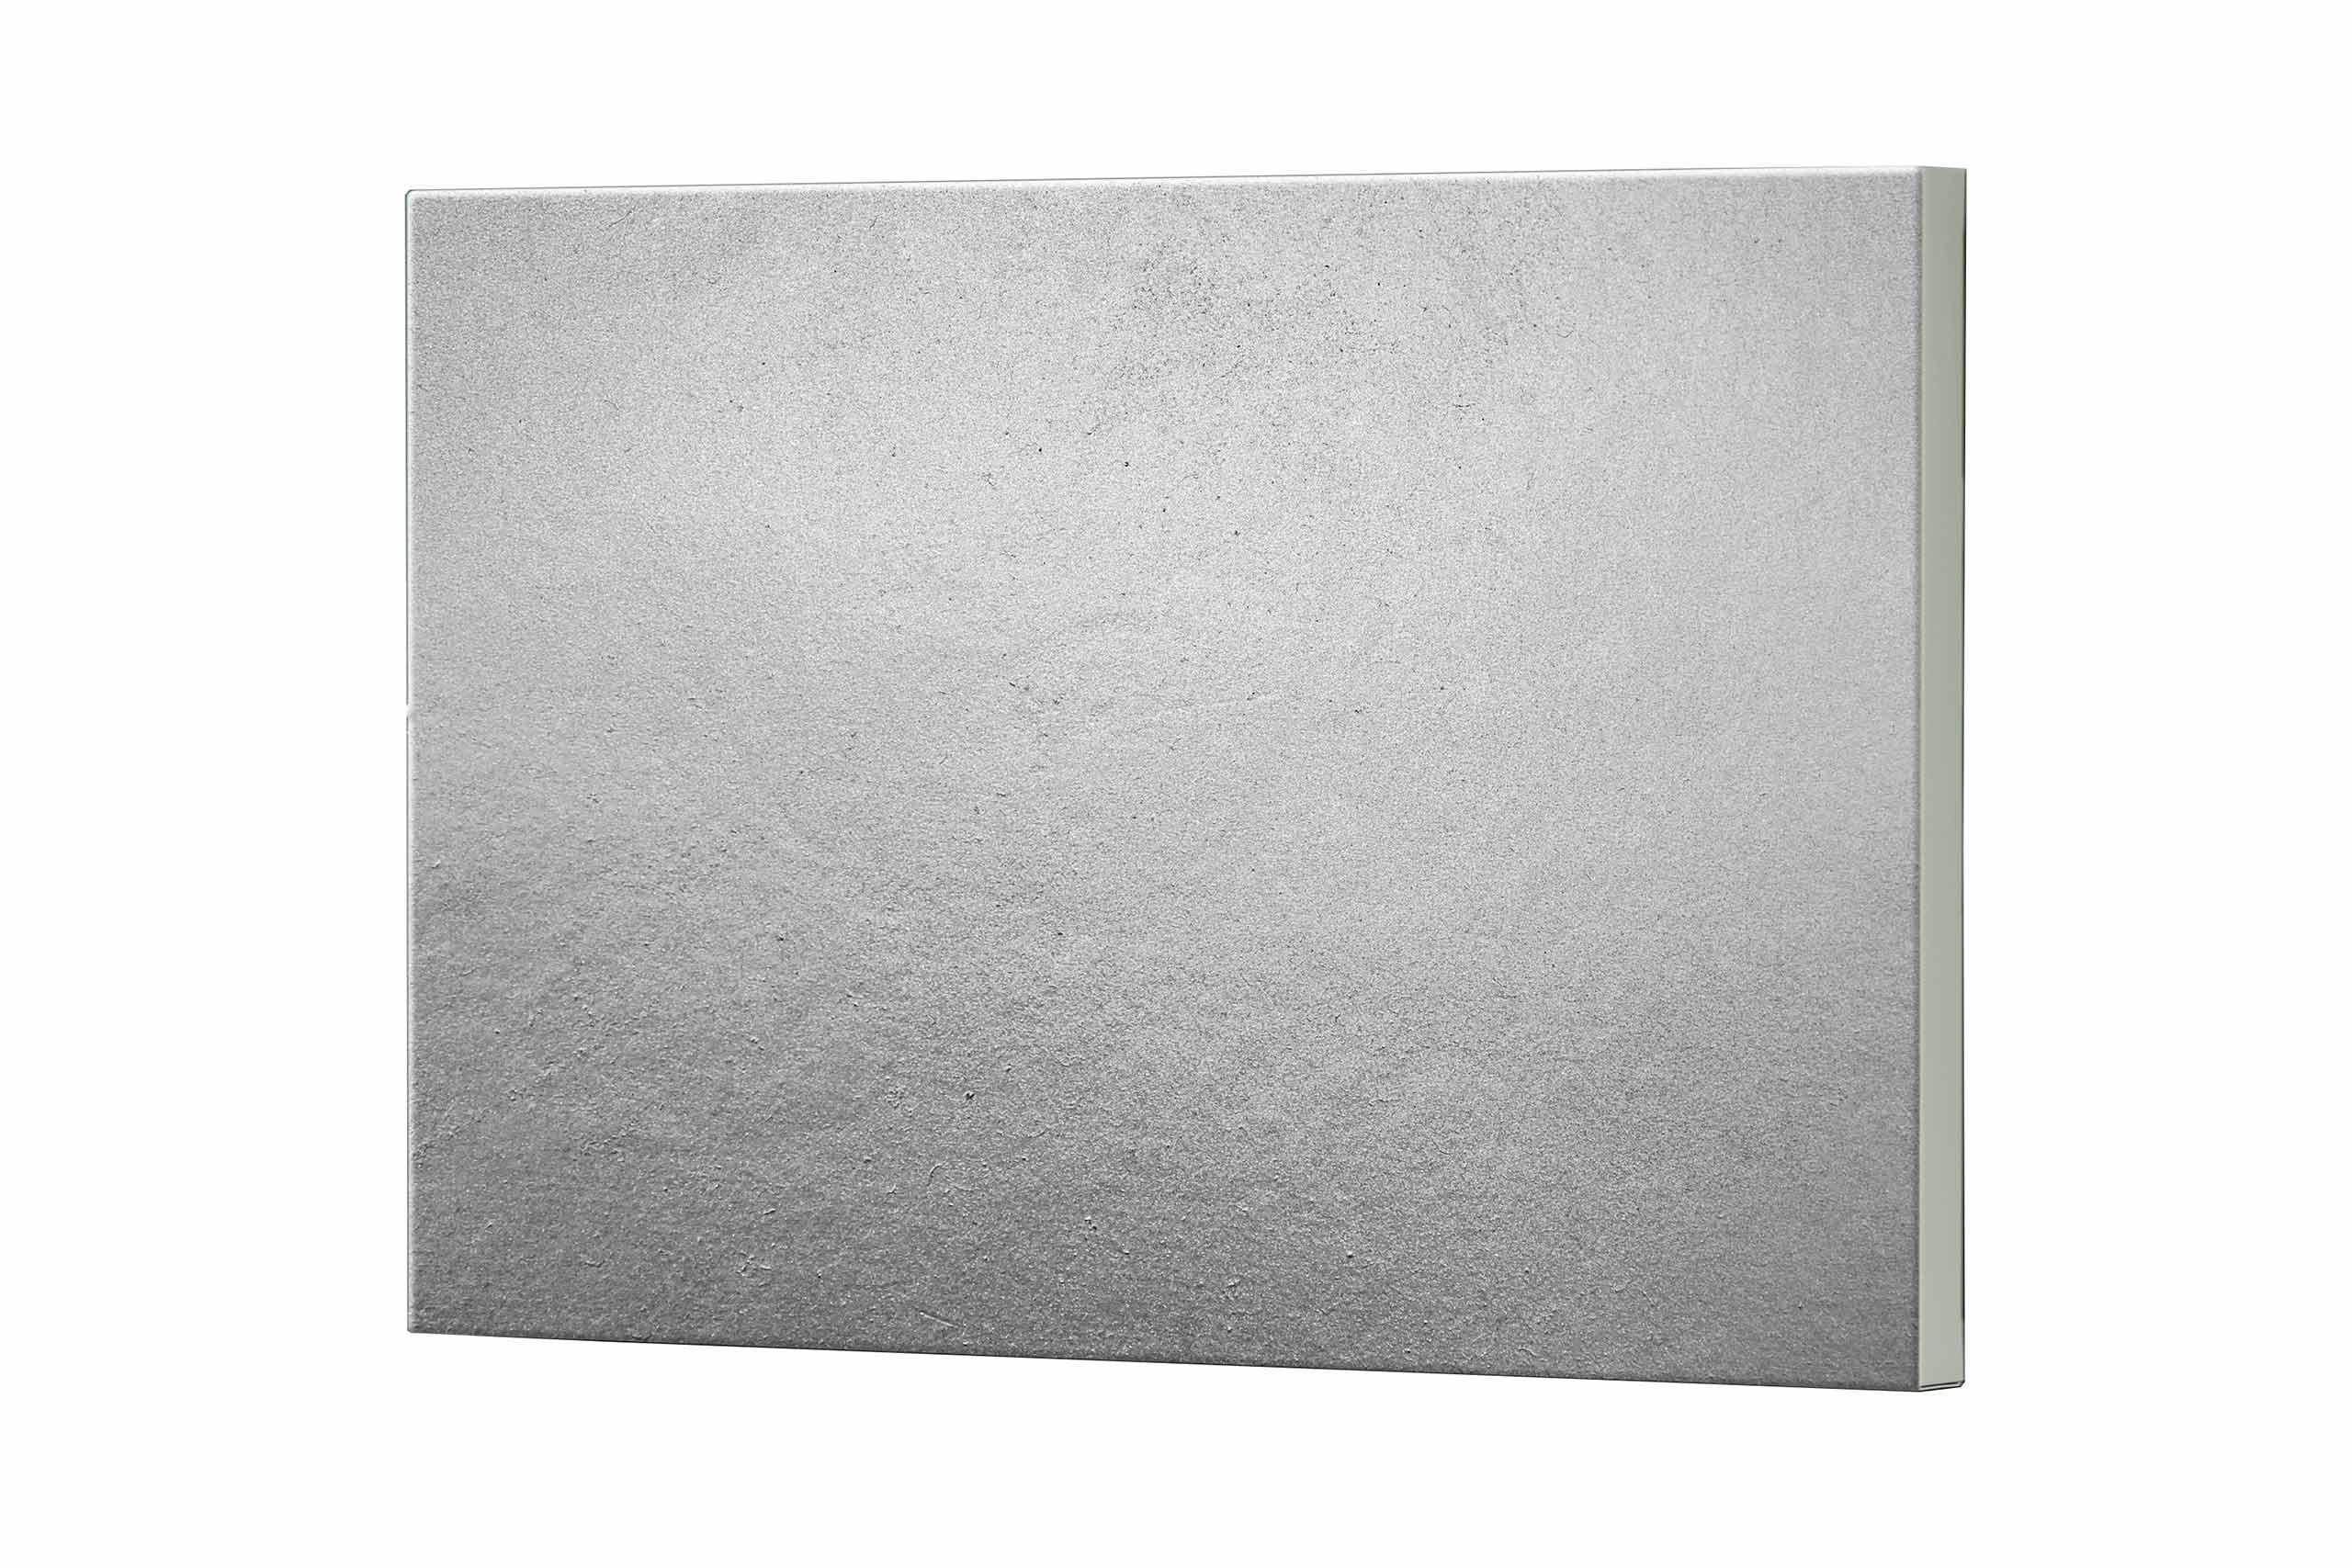 Magnettafel NOTIZ 80x60cm Motiv Beton MDQ407 Motiv-Pinnwand